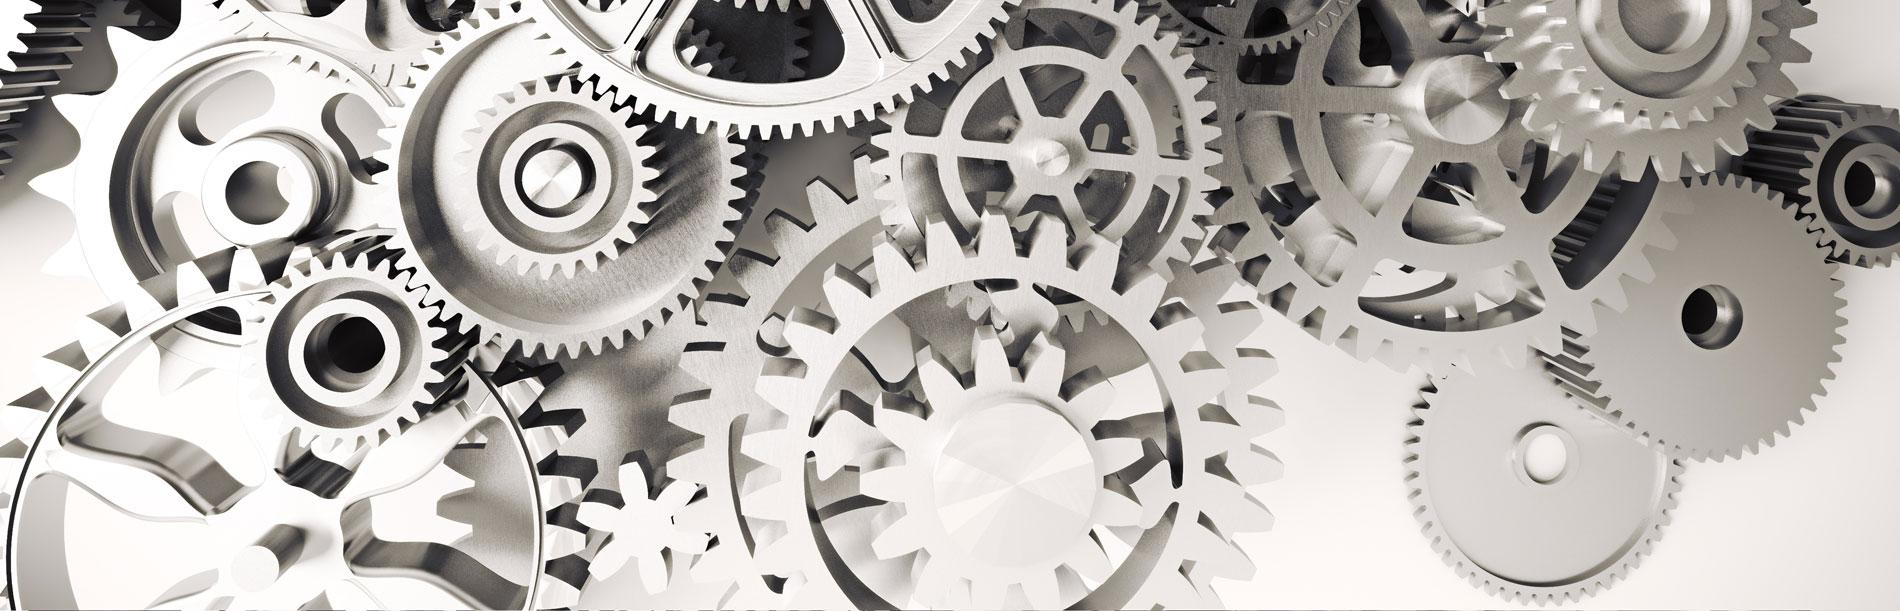 De site voor productieautomatisering